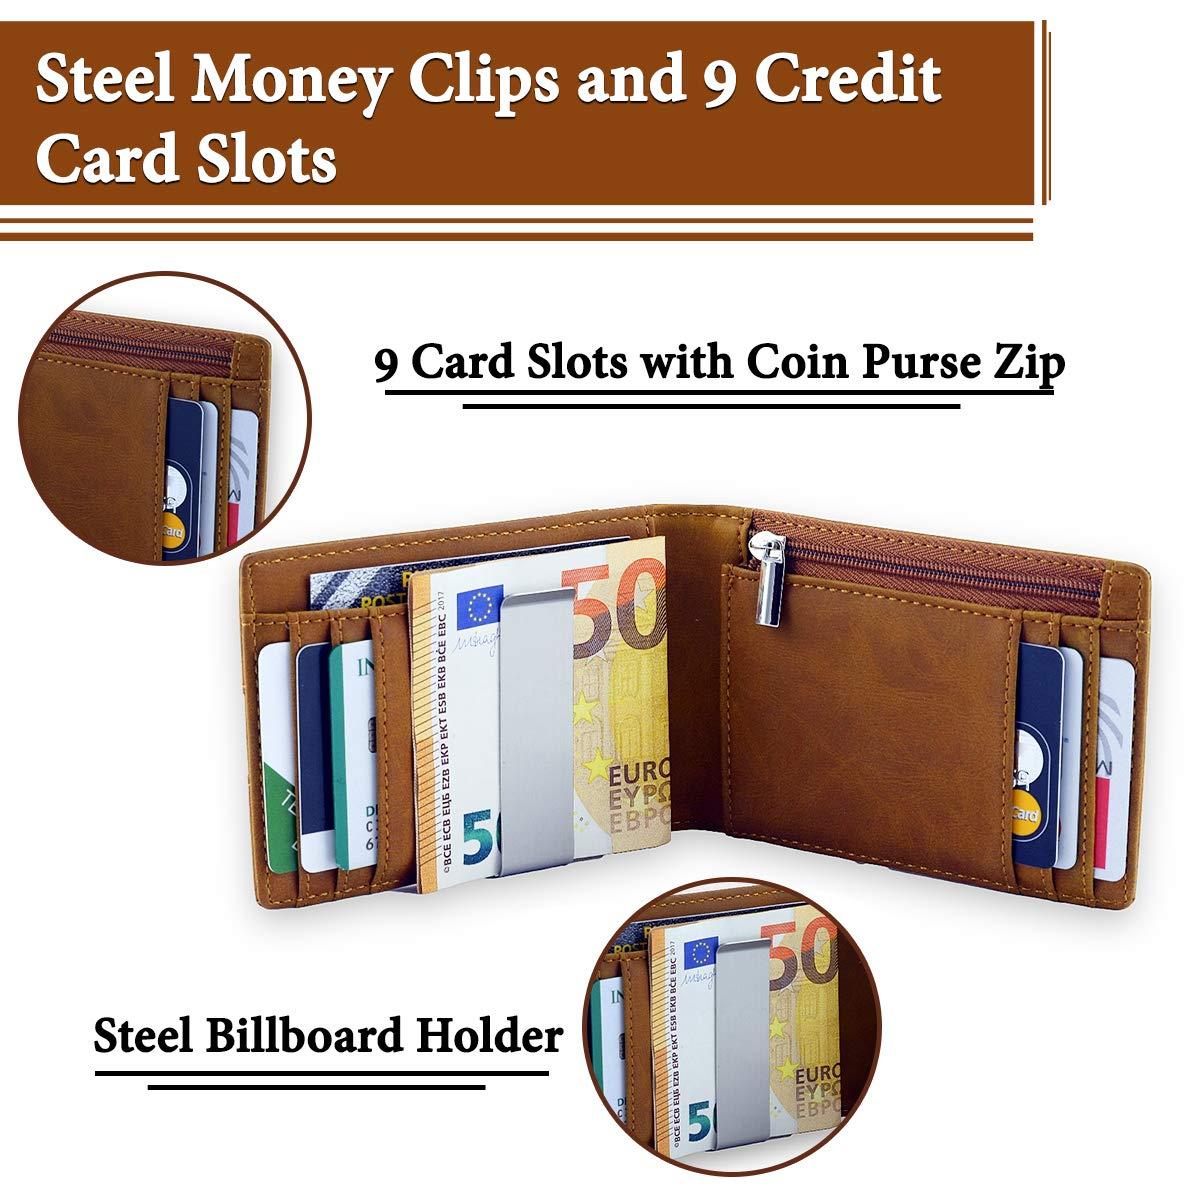 Geldbörse Herren mit Geldklammer - Kreditkartenetui mit Rfid Schutz - Völlig Abgeschirmt - Kompakt und Dünn mit Münzfach - Geschenkidee für Männer - Slim Design